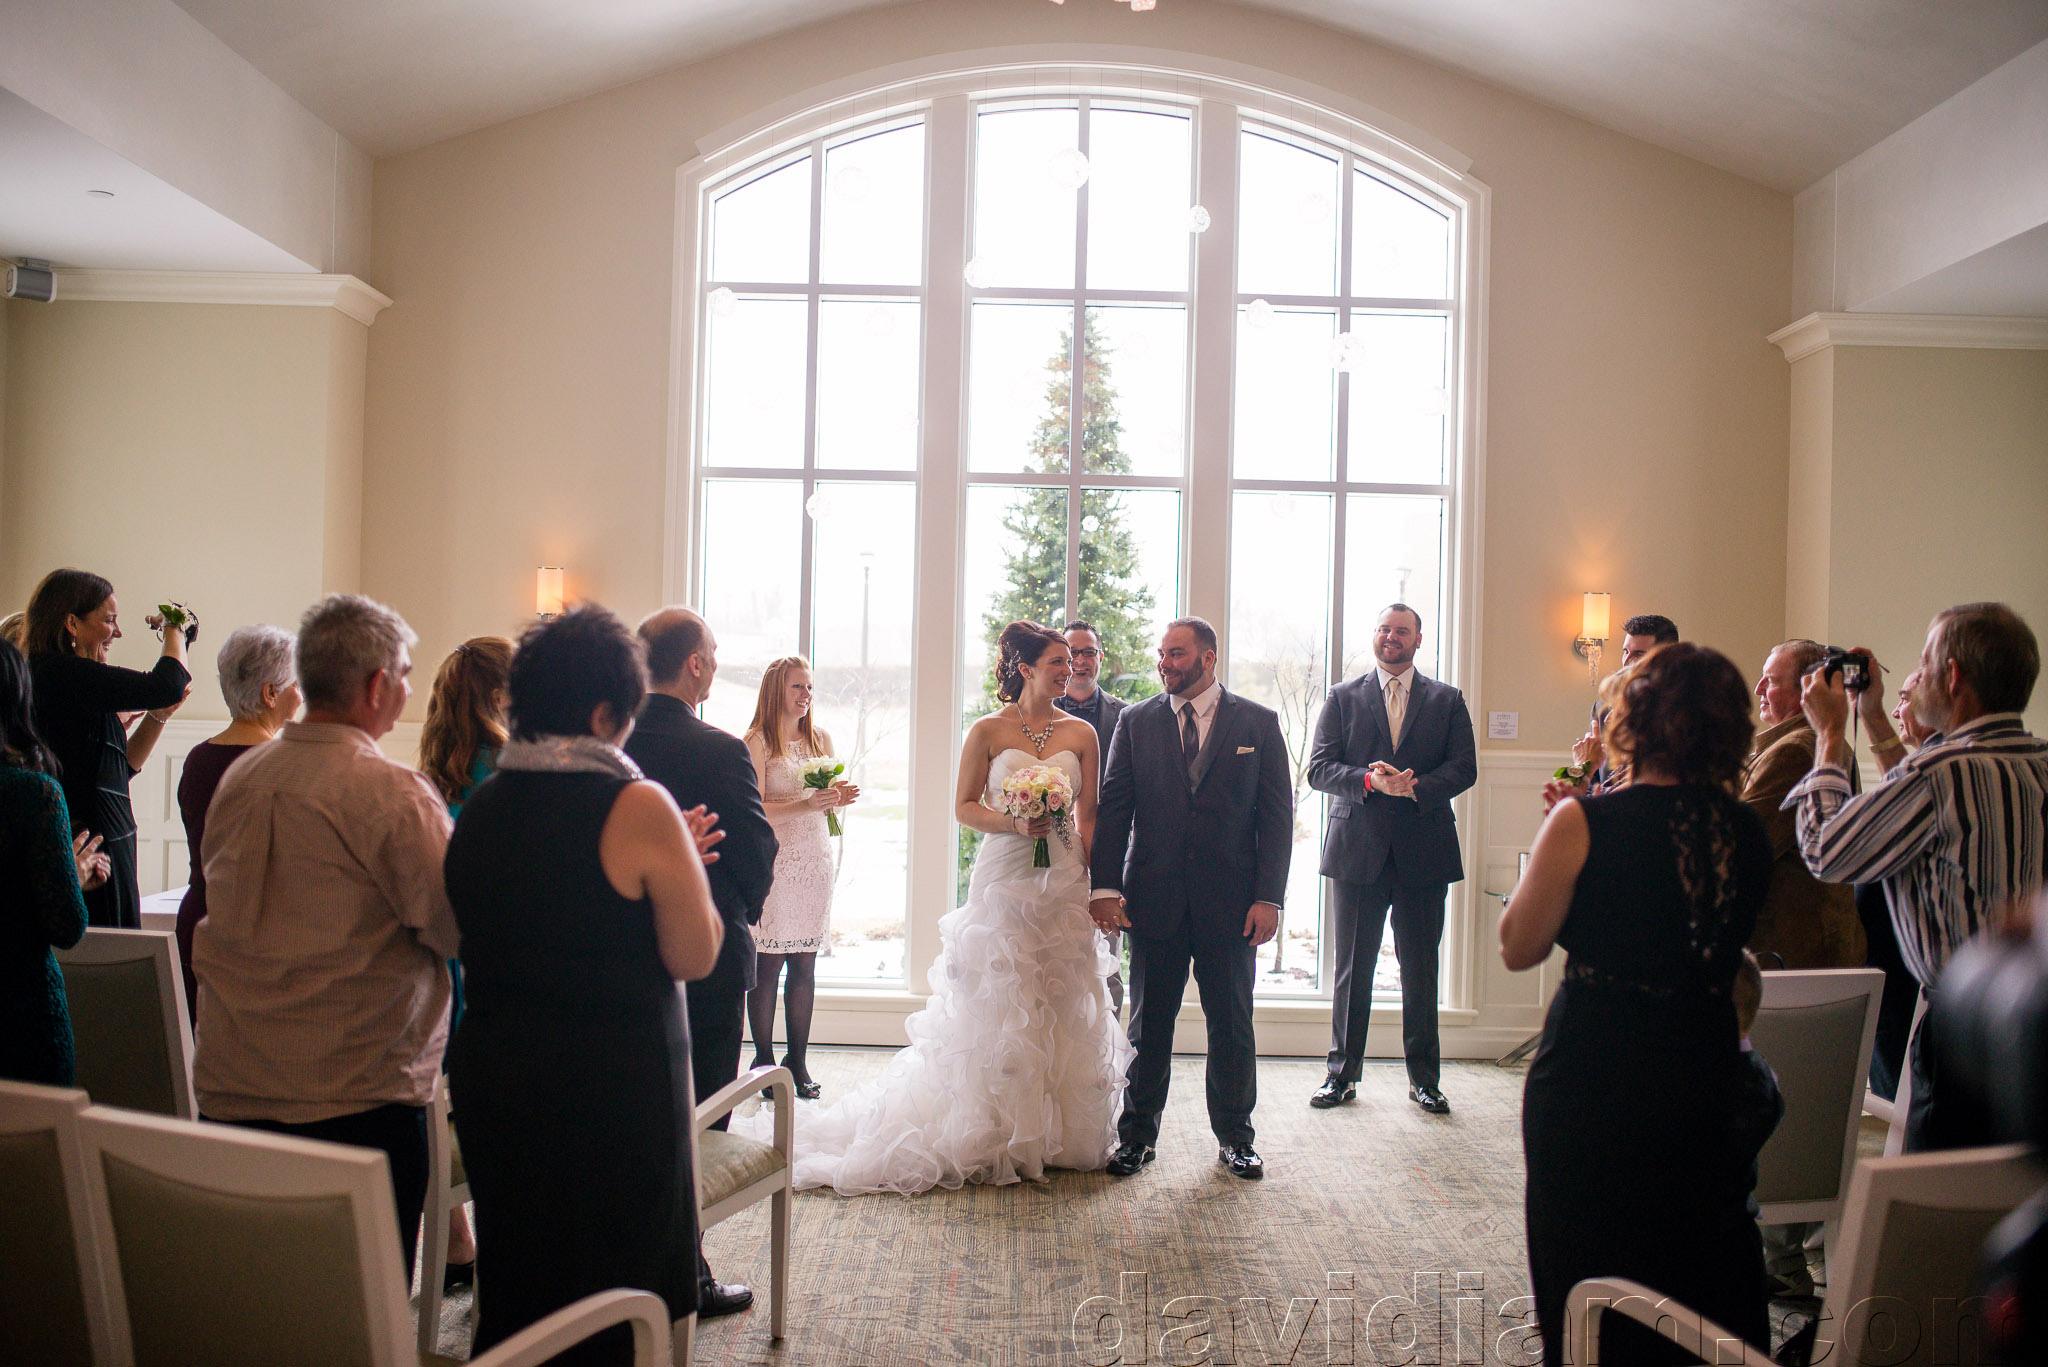 bruce-Hotel-Stratford-wedding-068.jpg